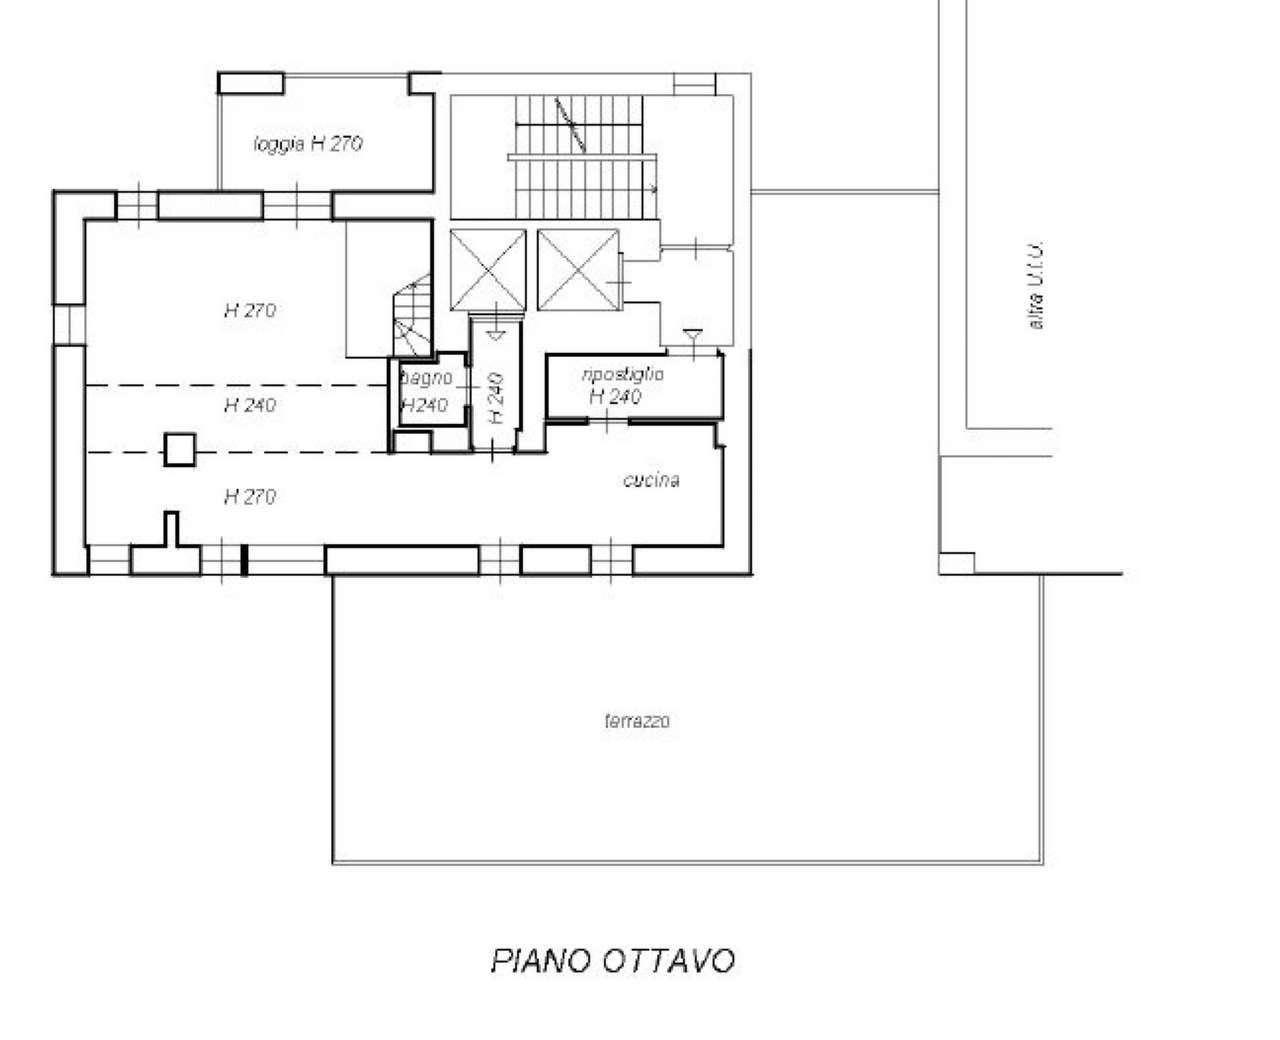 Attico / Mansarda a Milano in Vendita